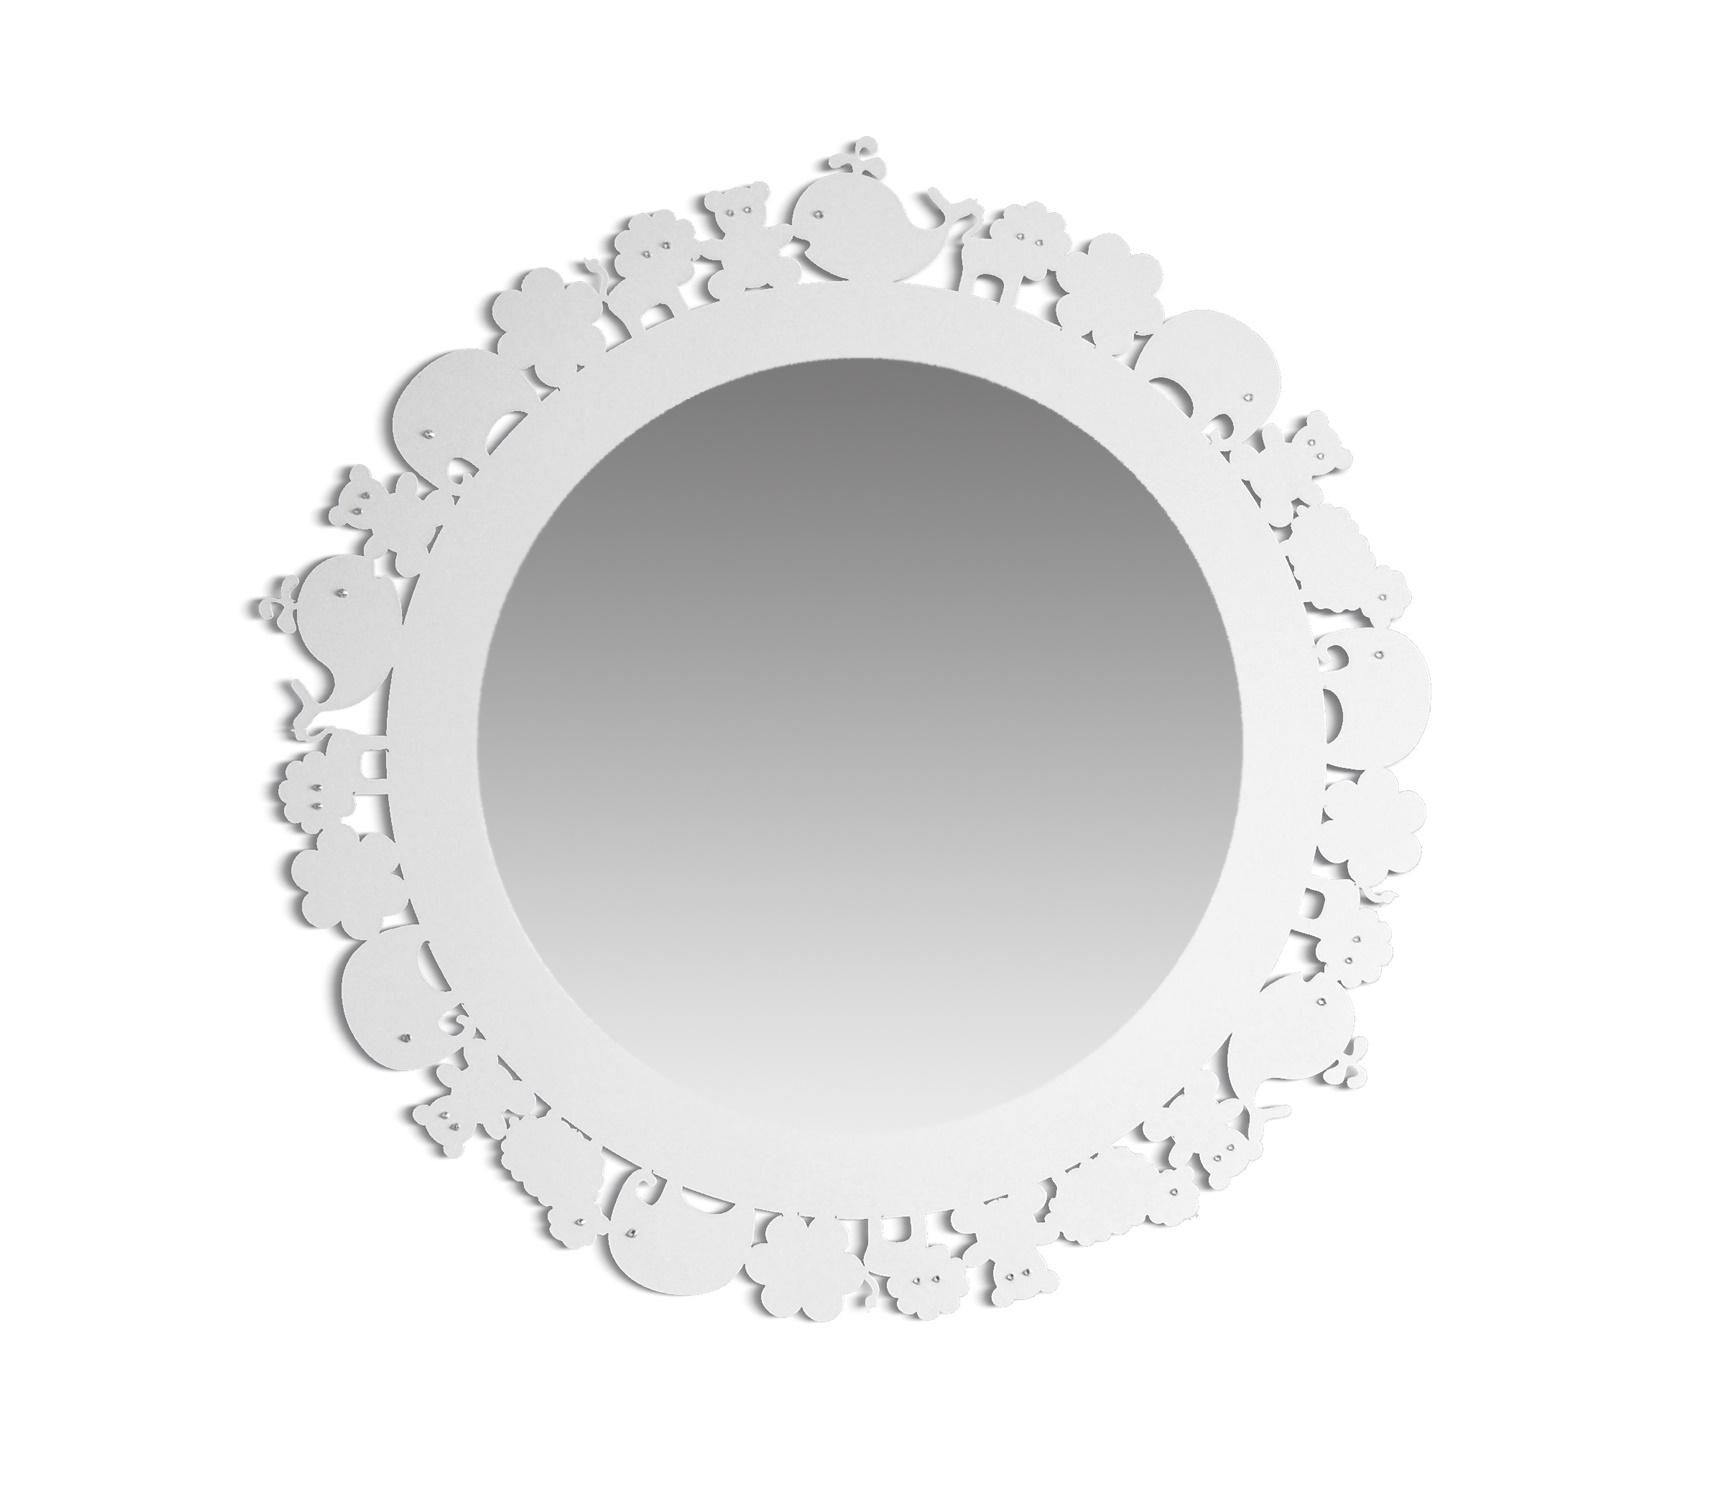 Зеркало ANIMALIERНастенные зеркала<br>Интерьерное зеркало ANIMALIER, инкрустированное элементами SWAROVSKI – из лимитированной коллекции bonessi.<br>Зеркало ANIMALIER нежно украсит интерьер детской комнаты маленькой принцессы или спальни.&amp;lt;div&amp;gt;&amp;lt;br&amp;gt;&amp;lt;/div&amp;gt;&amp;lt;div&amp;gt;&amp;lt;span style=&amp;quot;font-size: 14px;&amp;quot;&amp;gt;Украшения: кристаллы Swarovski&amp;lt;/span&amp;gt;&amp;lt;br&amp;gt;&amp;lt;/div&amp;gt;<br><br>Material: Сталь